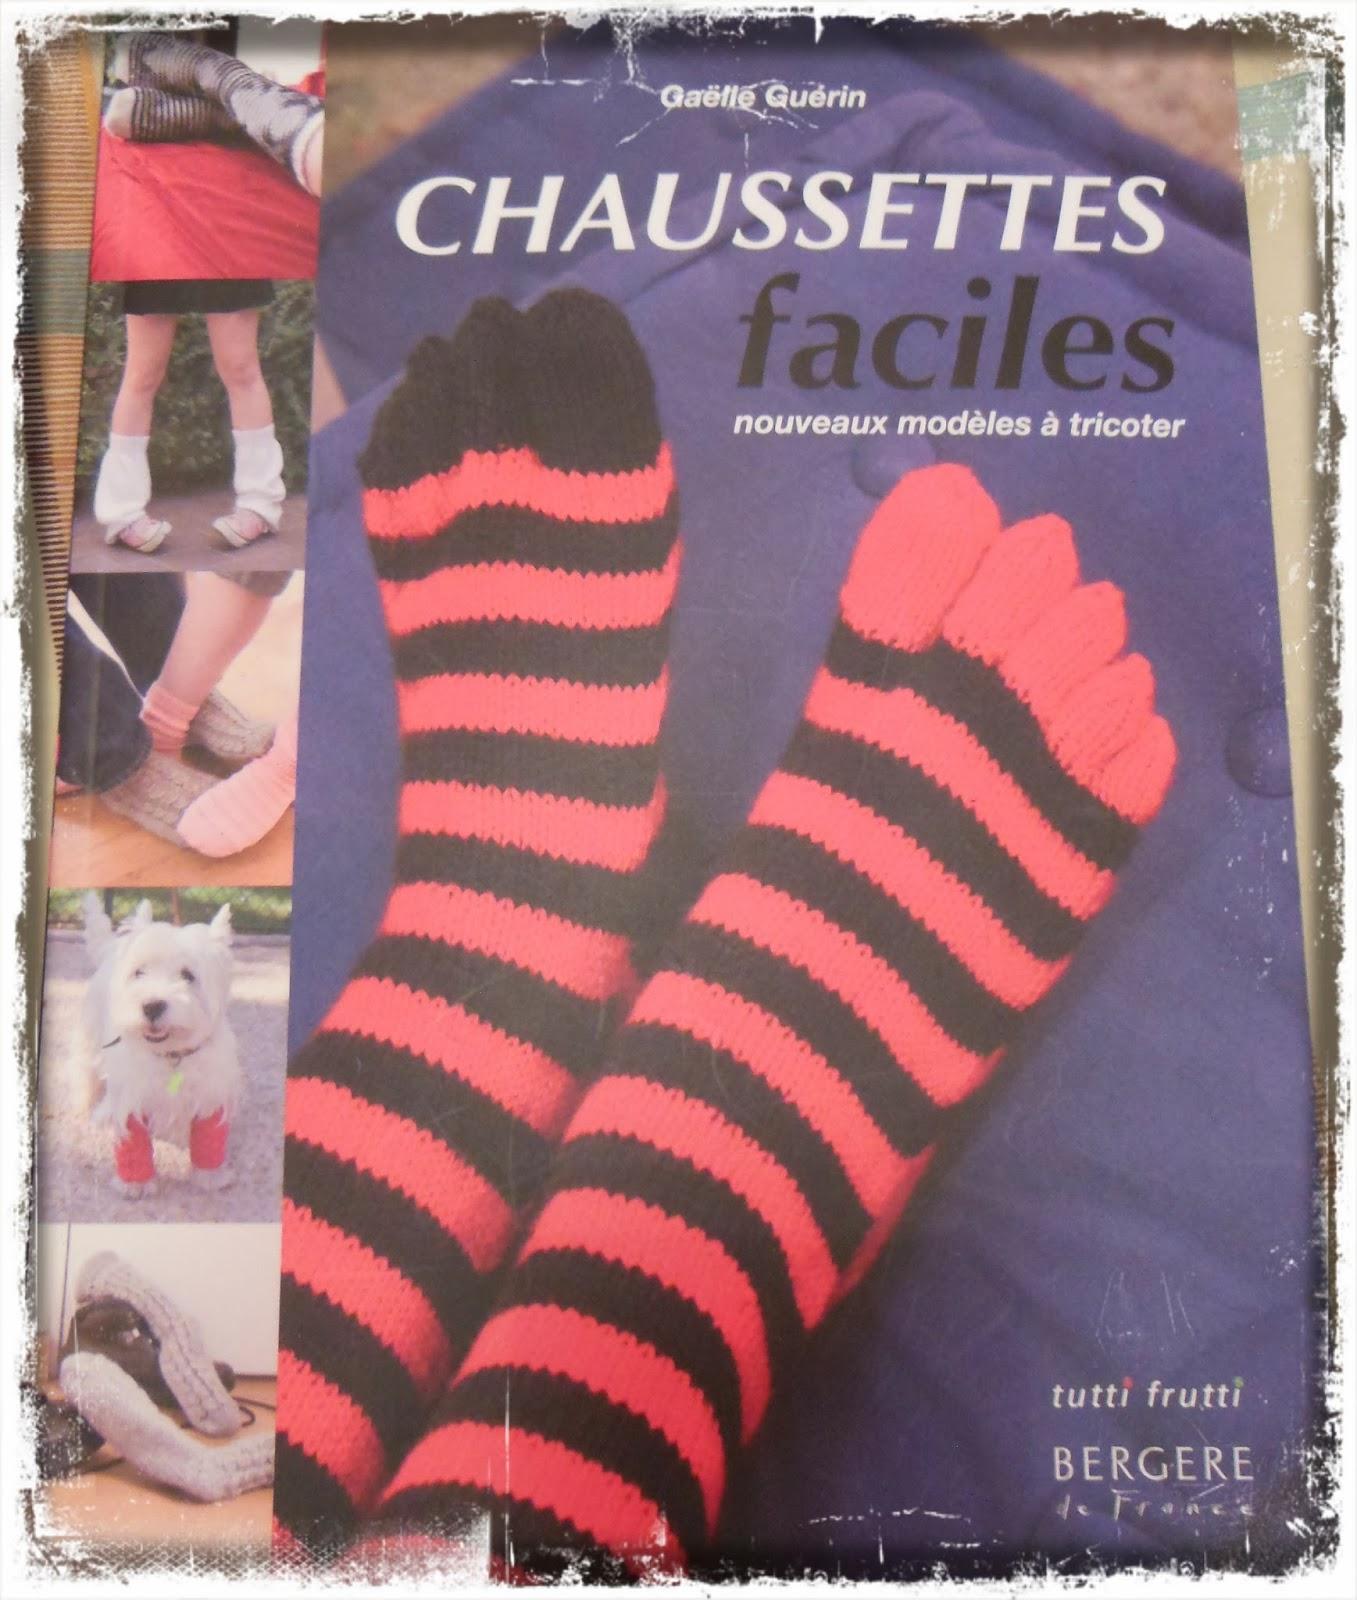 http://www.amazon.fr/Chaussettes-faciles-Nouveaux-mod%C3%A8les-tricoter/dp/2915667748/ref=sr_1_1?ie=UTF8&qid=1408549495&sr=8-1&keywords=chausettes+faciles